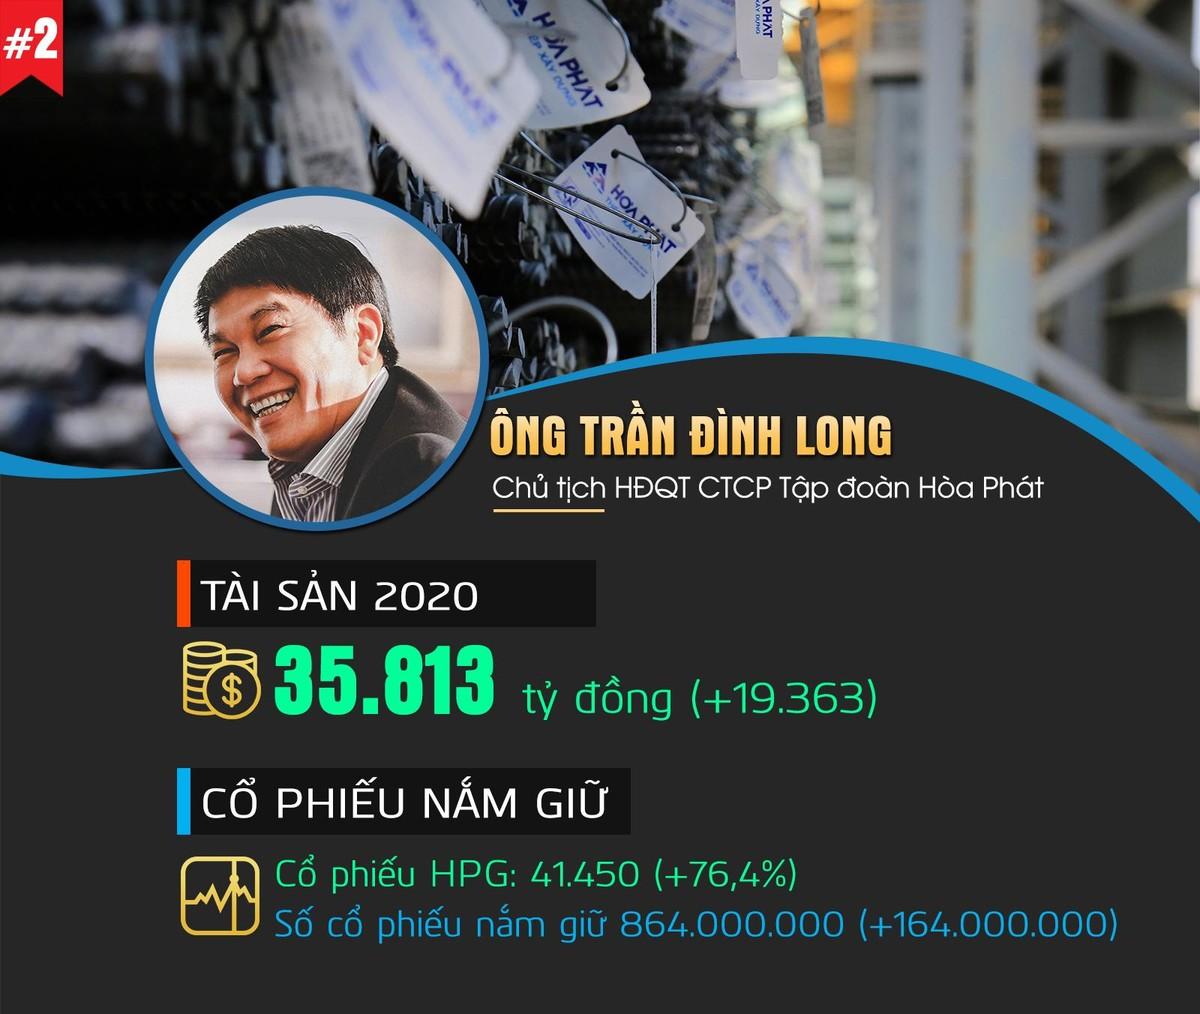 Top 10 người giàu nhất Thị trường chứng khoán Việt Nam 2020 ảnh 2